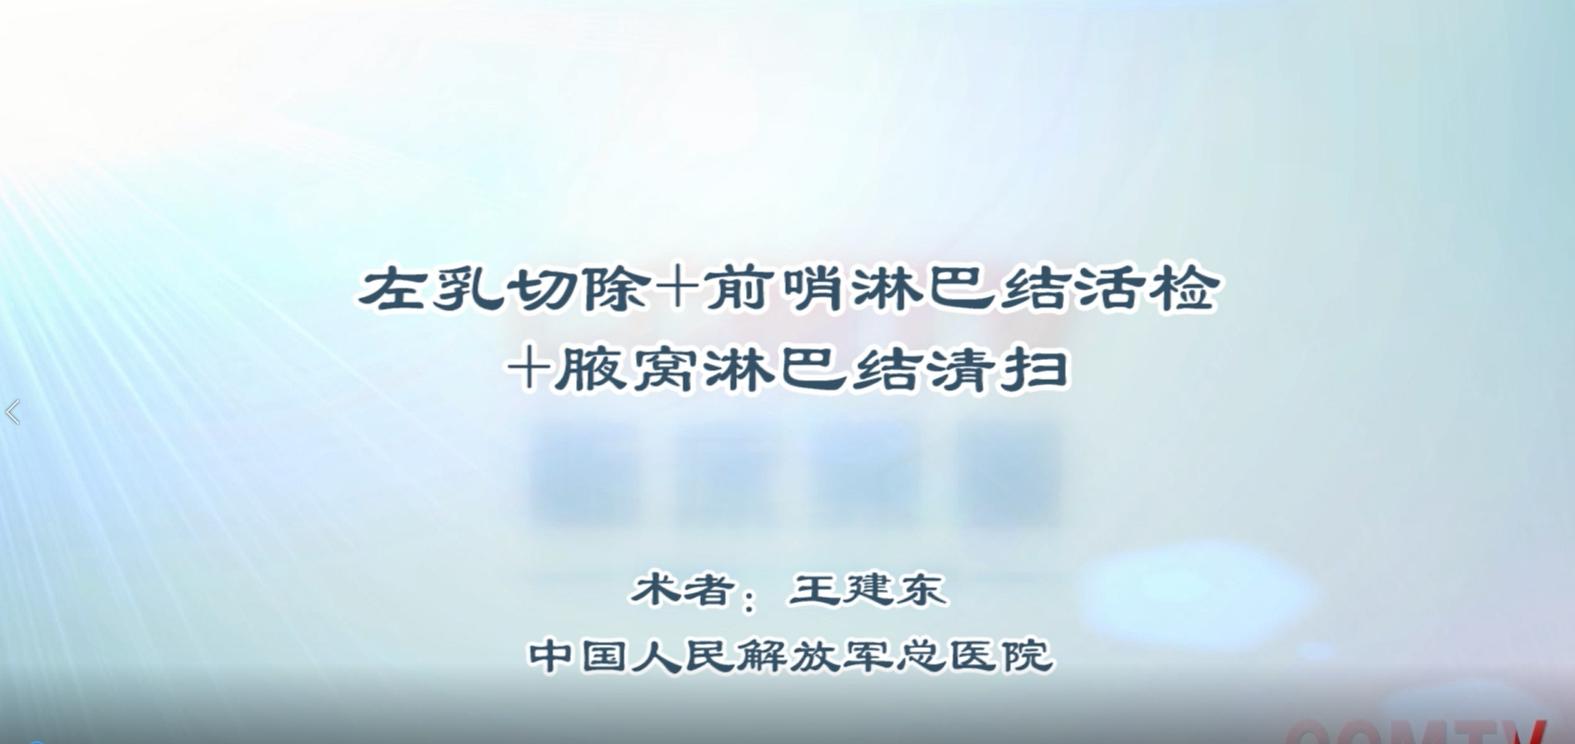 手术演示丨王建东:左乳切除+前哨淋巴结活检+腋窝淋巴结清扫.mp4